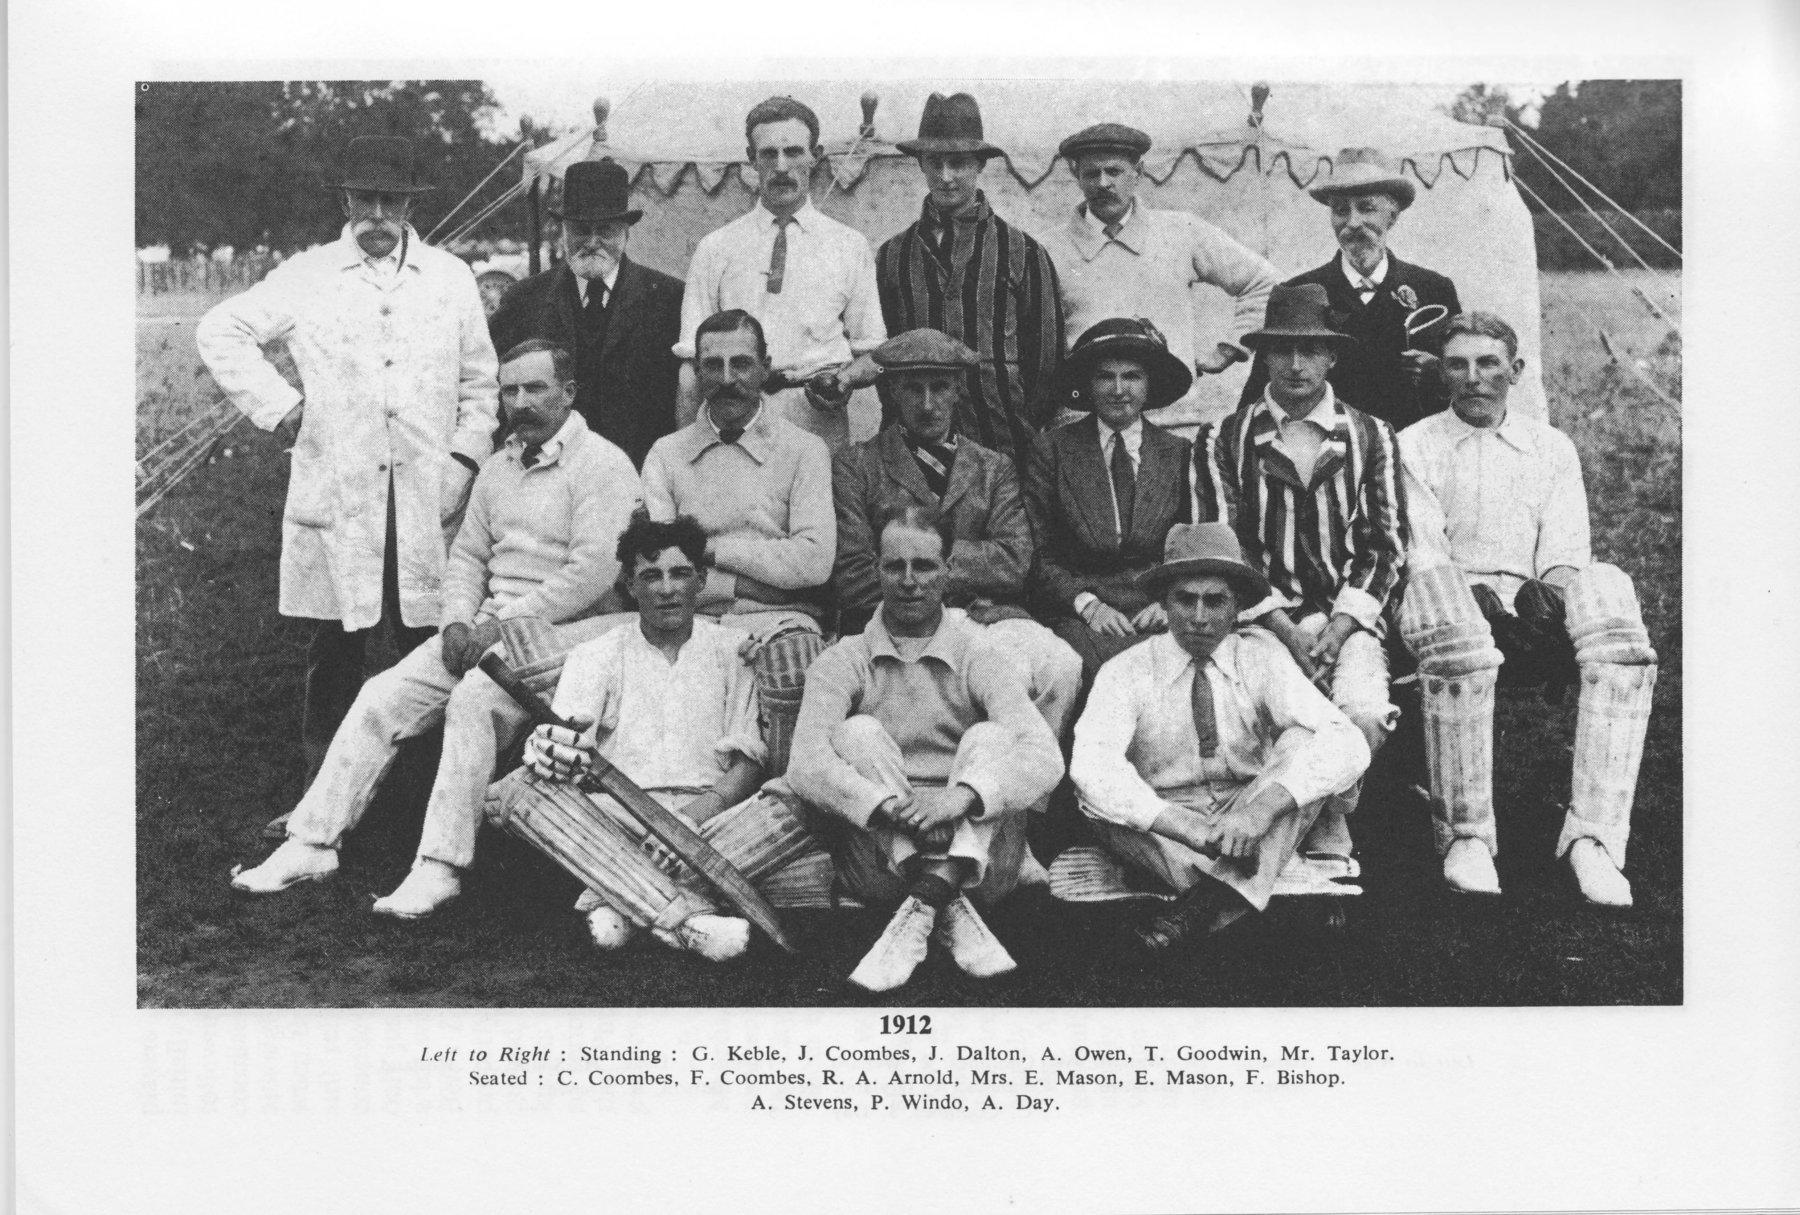 09-Cricket-20